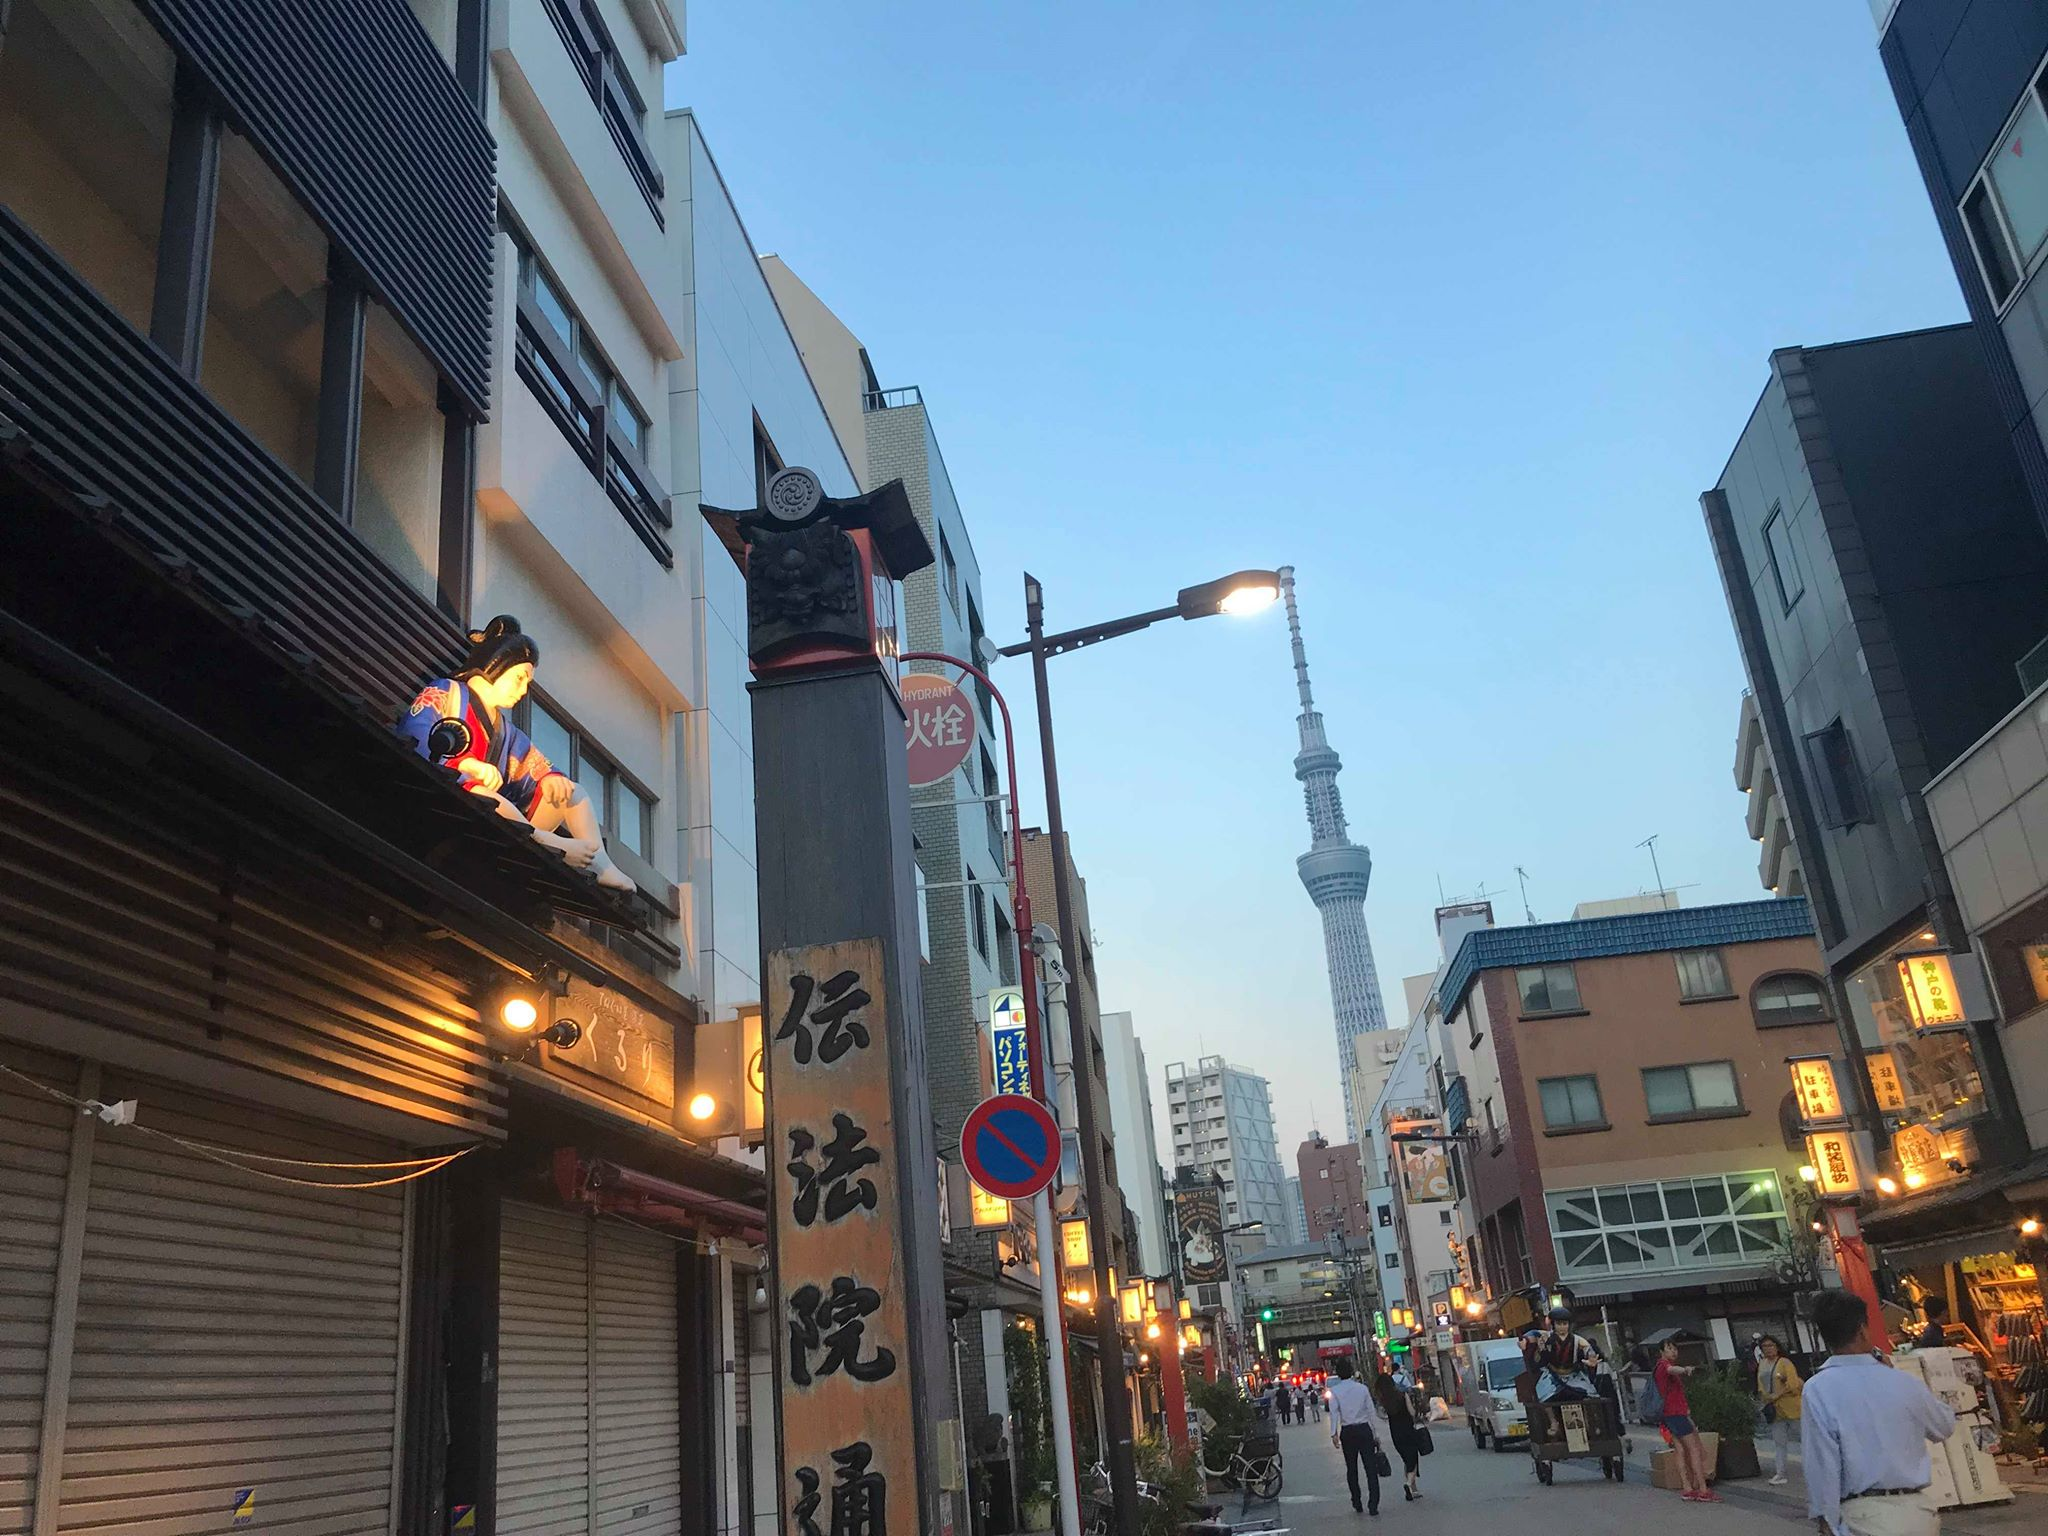 【レポート】18年8月1日浅草、旅するトーク